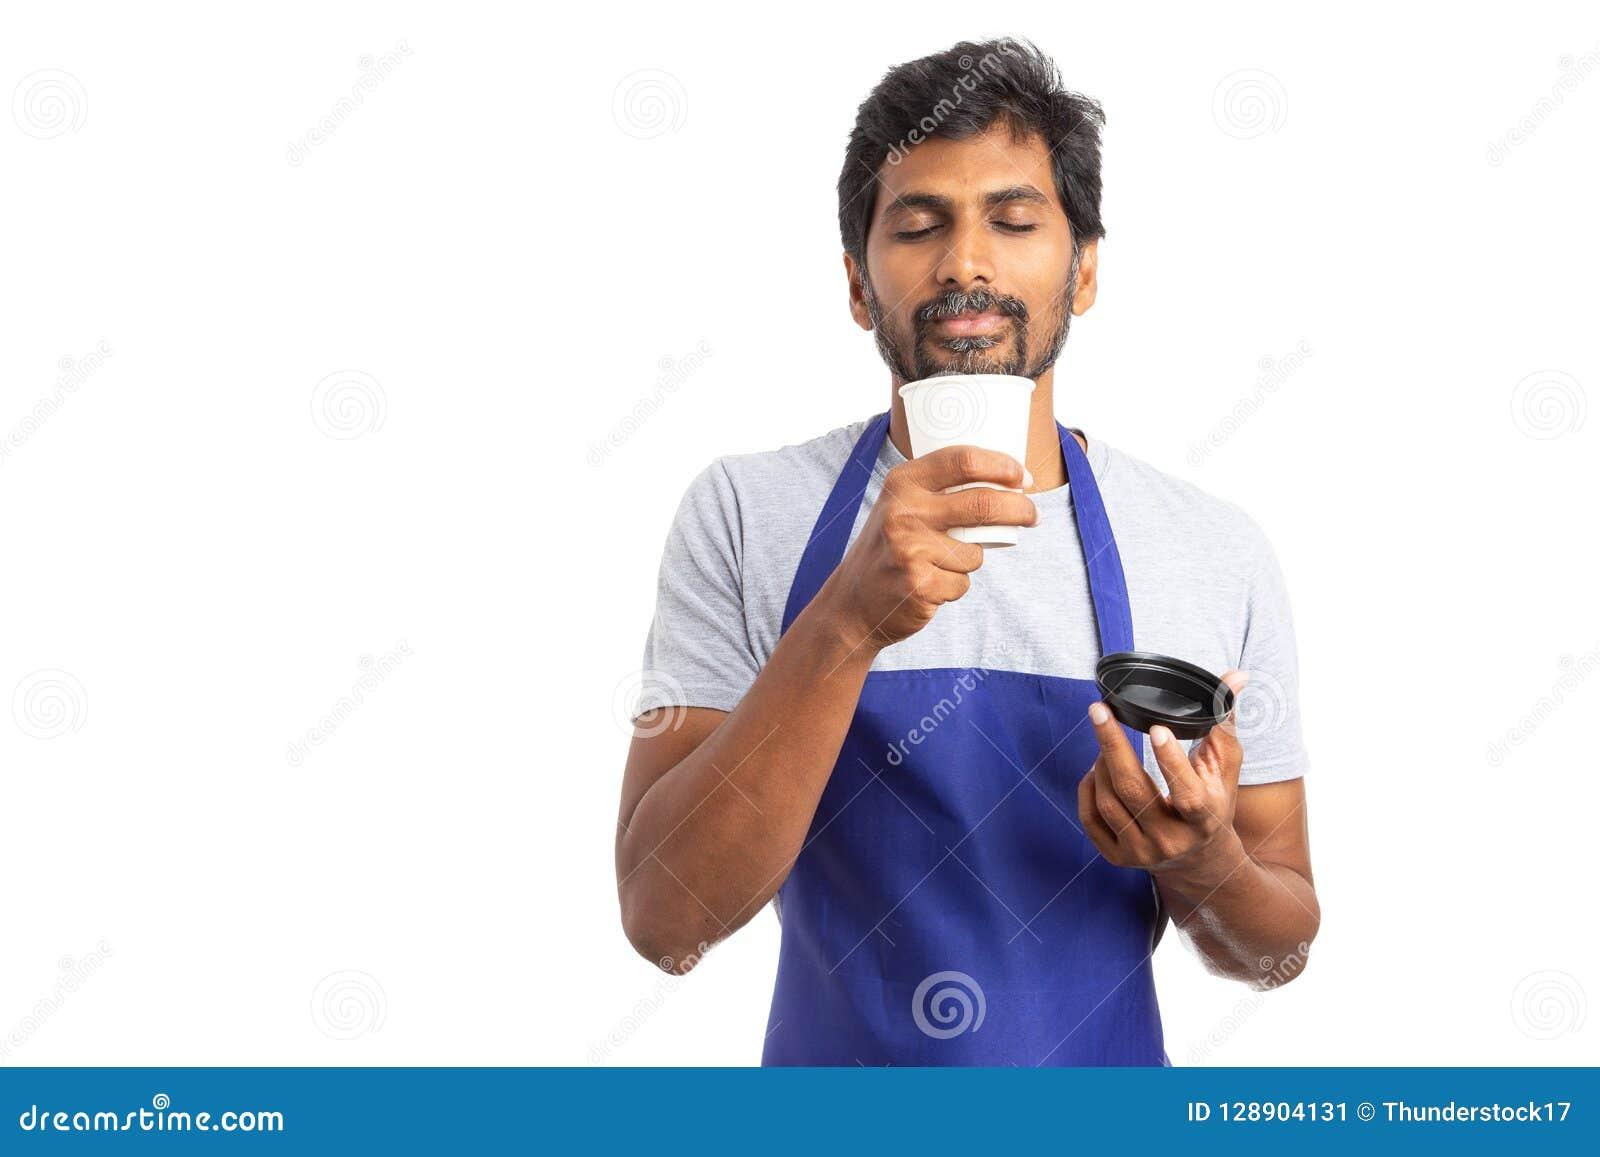 Employé indien sentant la boisson chaude pendant la pause-café